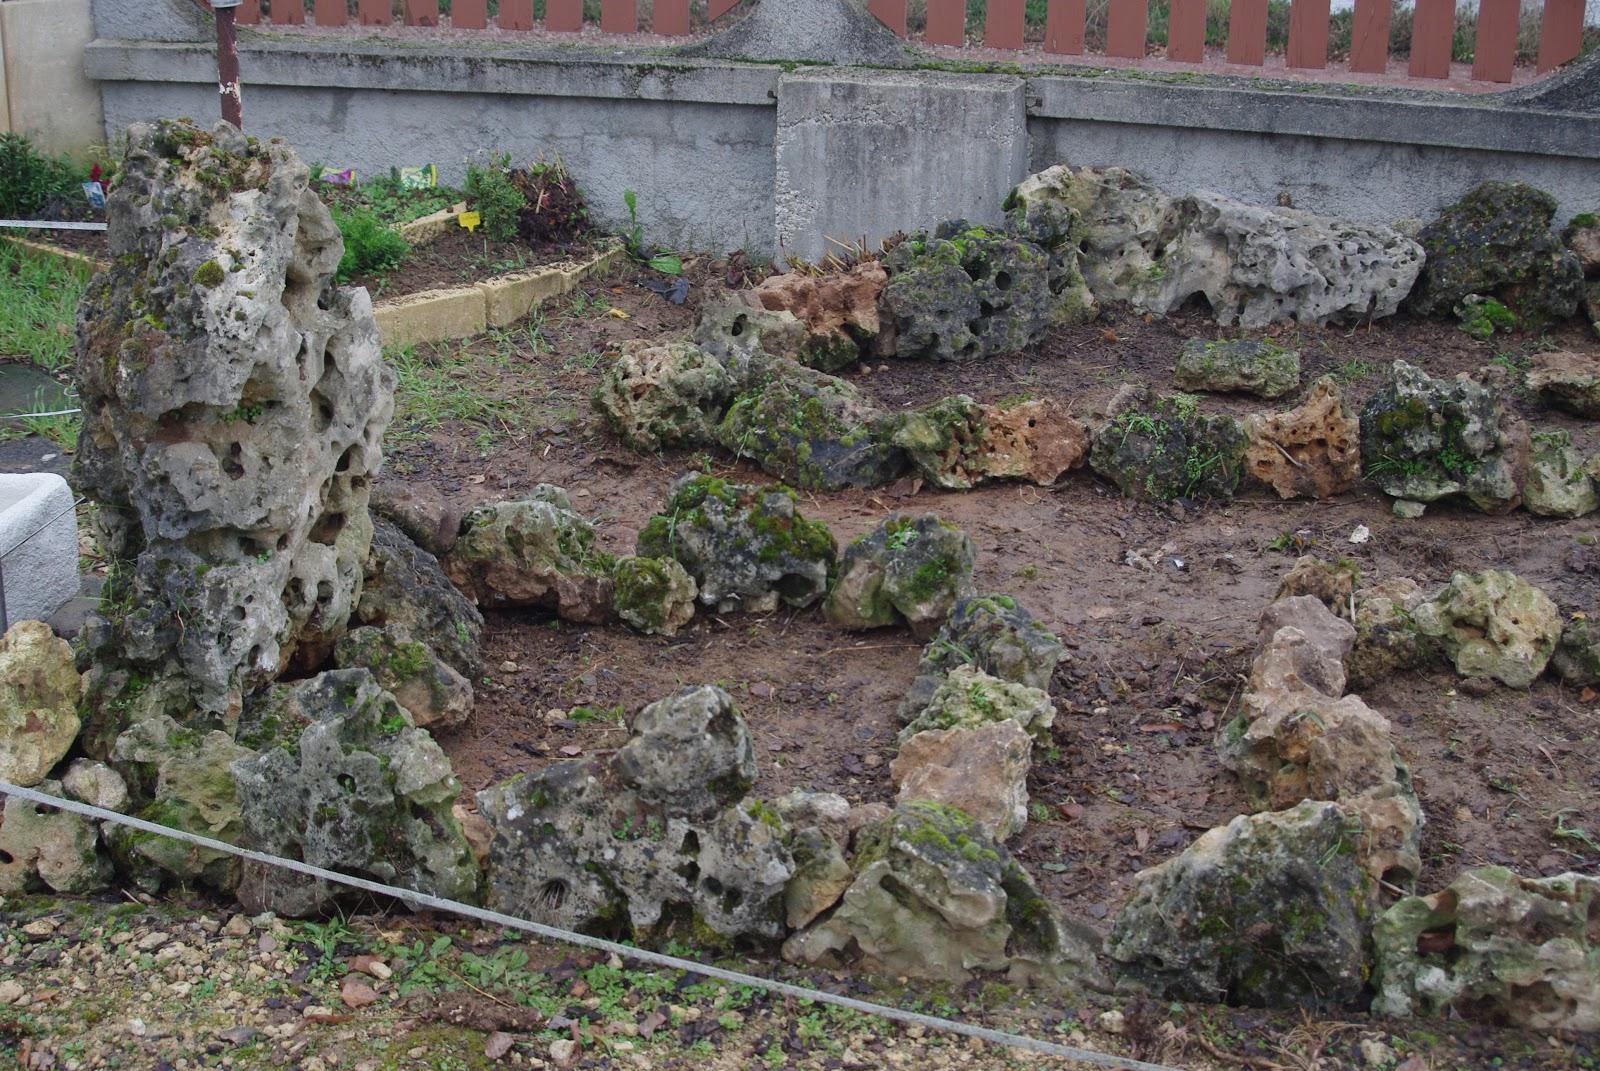 Promenade au jardin de lili dans le poitou nouvelle rocaille for Cailloux rocaille